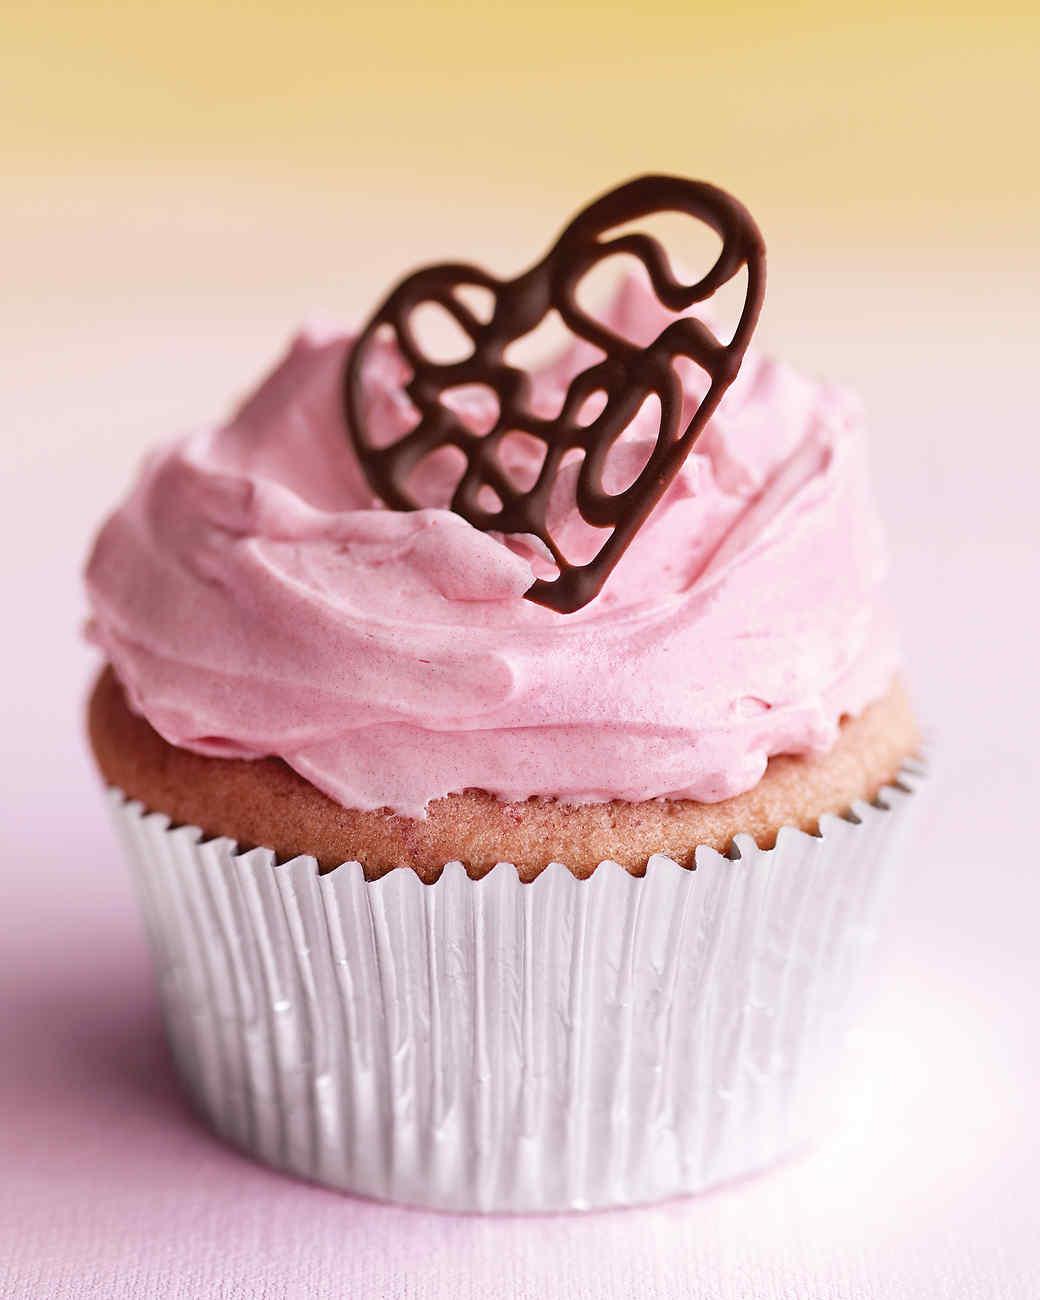 valentines day cupcake recipes martha stewart - Valentine Cupcake Recipes